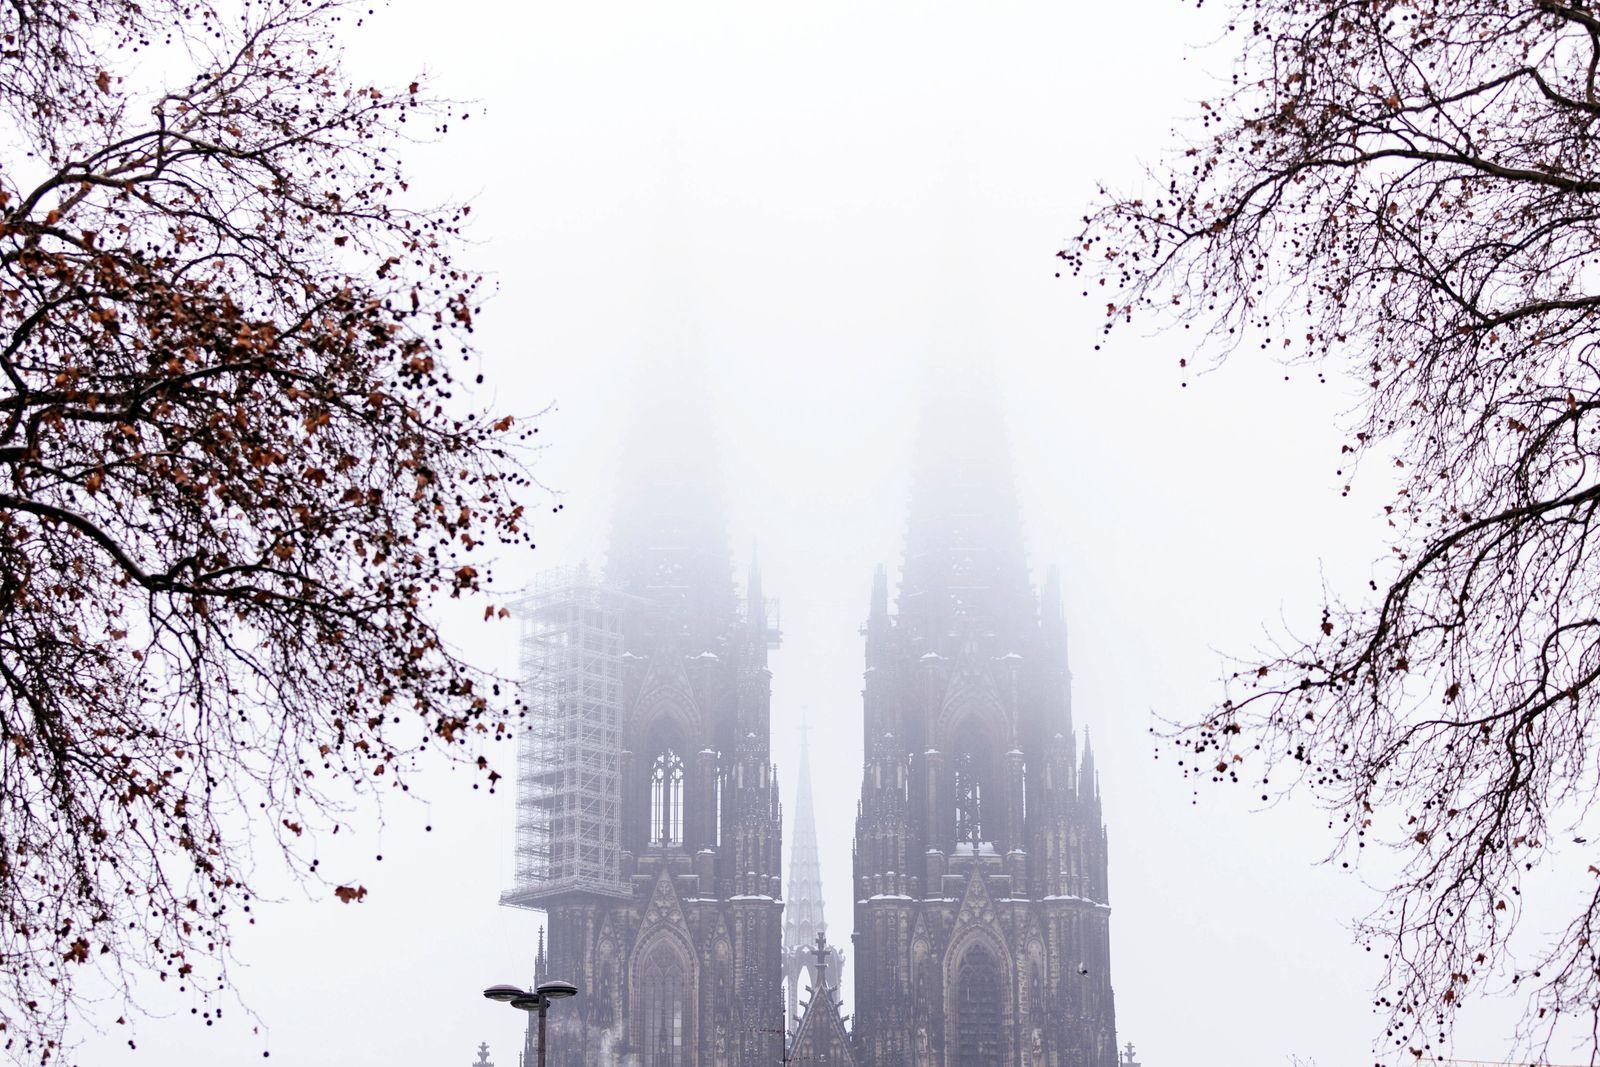 Der Kölner Dom an einem Wintertag. Der Kölner Kardinal Rainer Maria Woelki steht seit Monaten in der Kritik, weil er ein